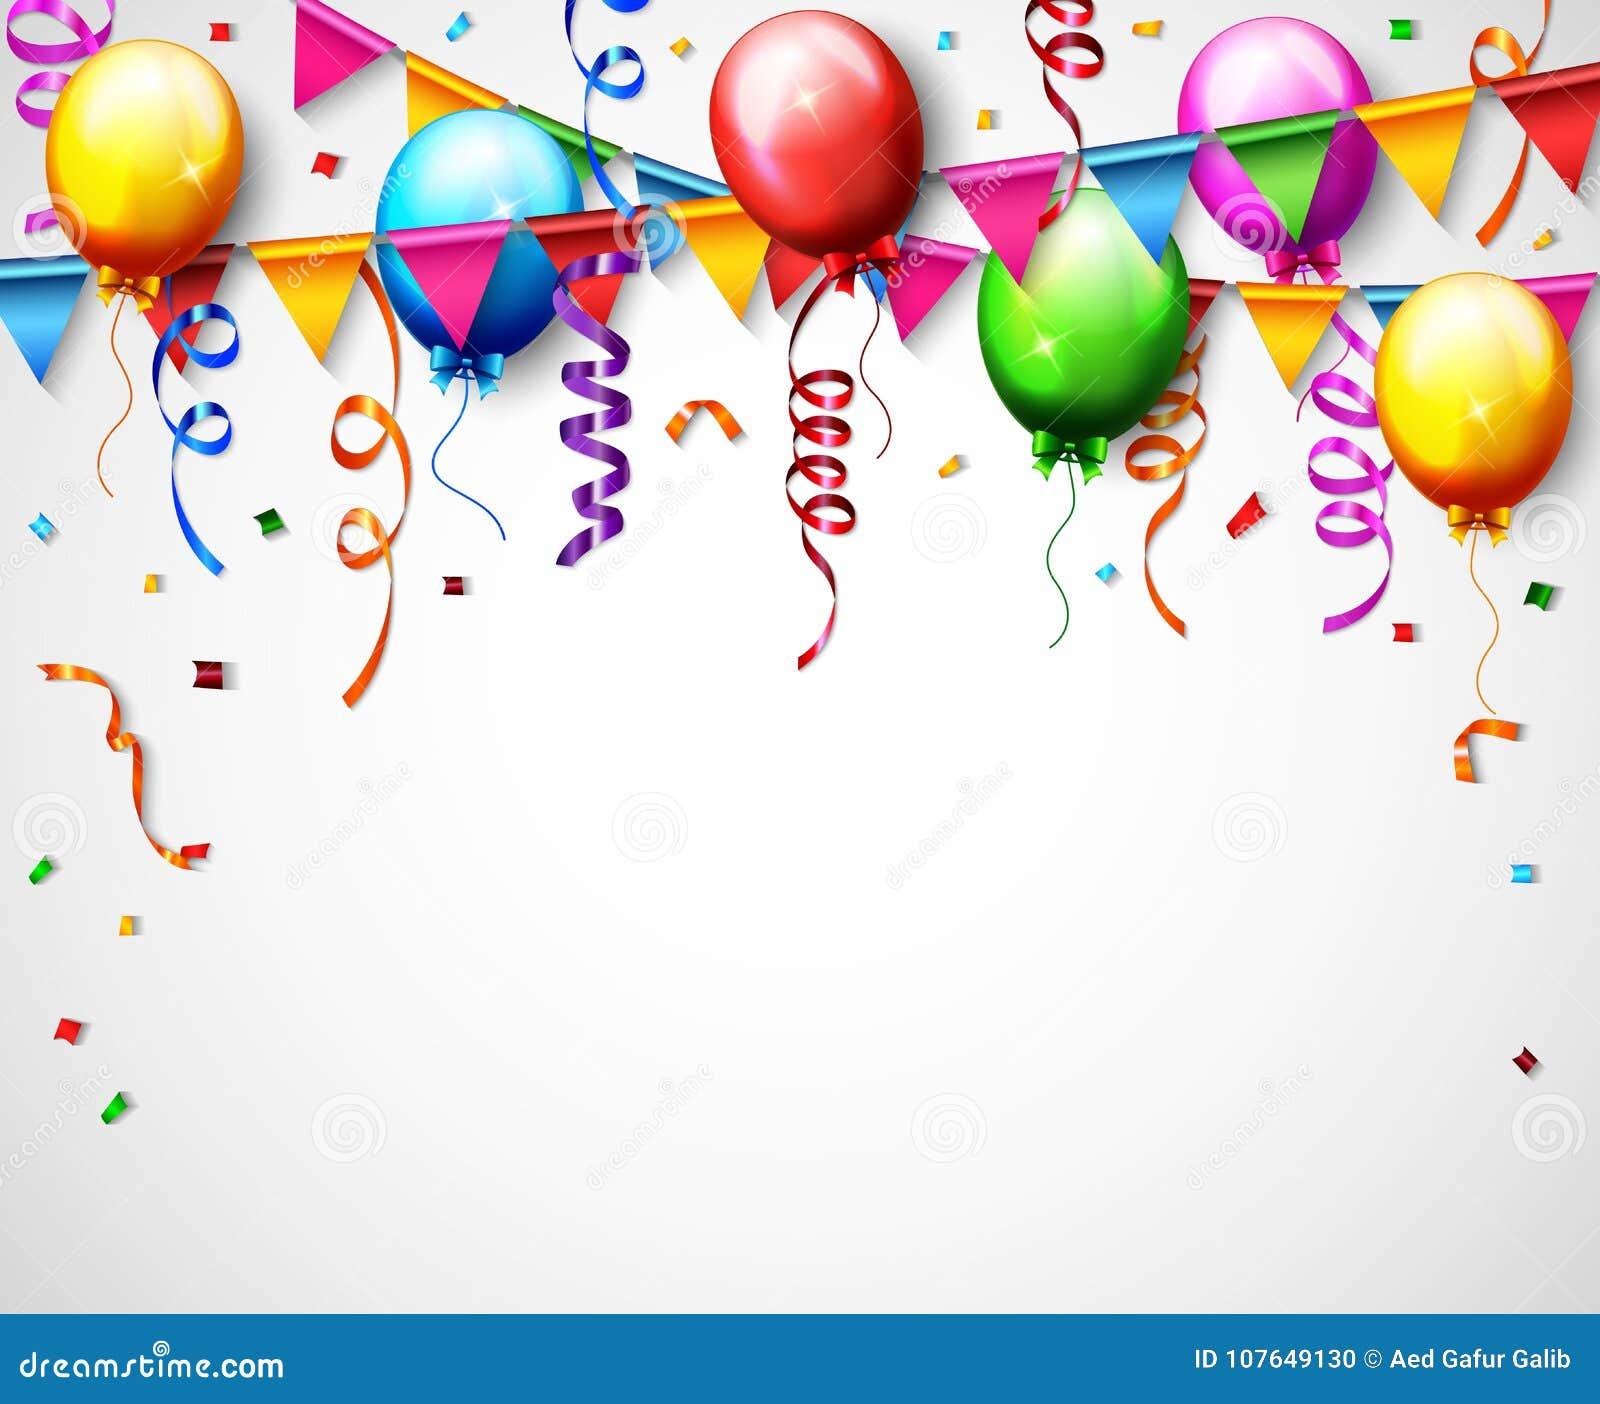 Geburtstags Ballon Mit Konfetti Hintergrund Vektor Abbildung